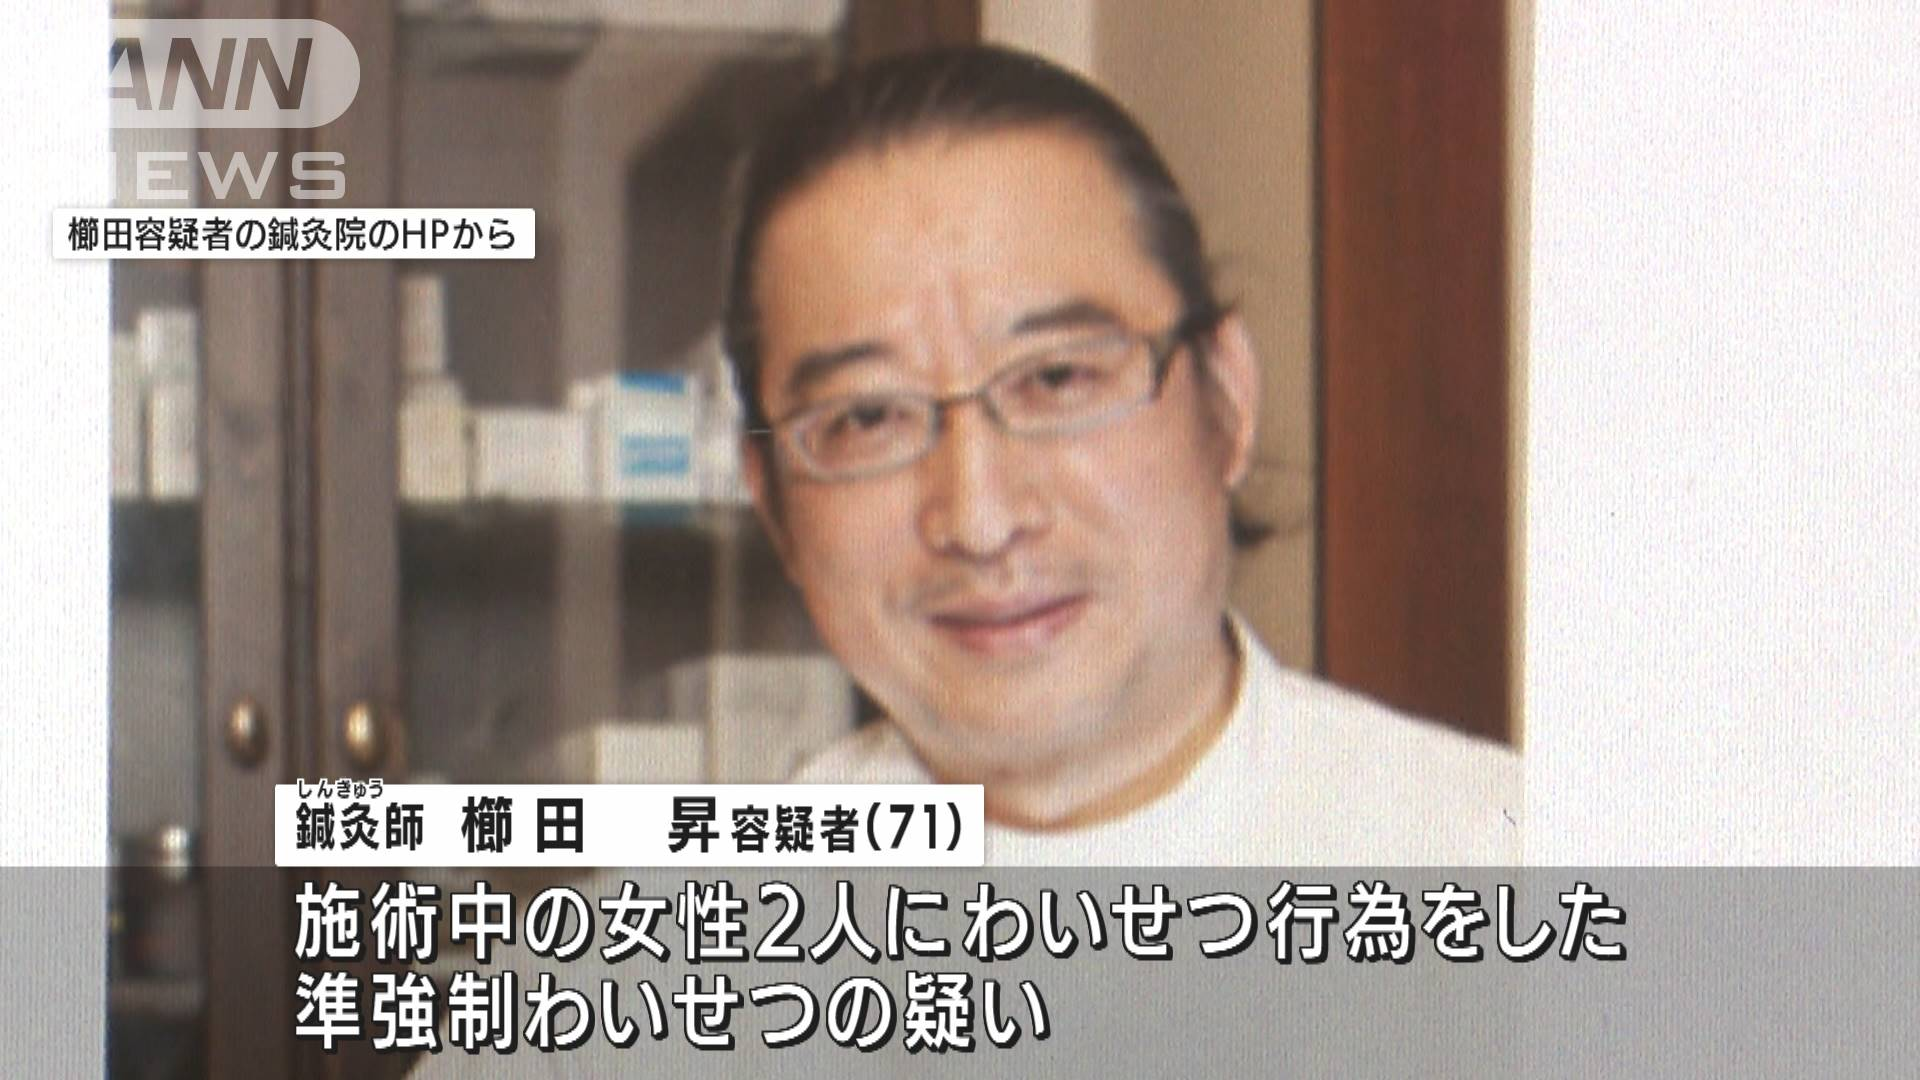 櫛田昇(鍼灸師)がヤバい!Facebook顔画像特定!カリカ鍼灸院の場所や家族(妻・子供)は?